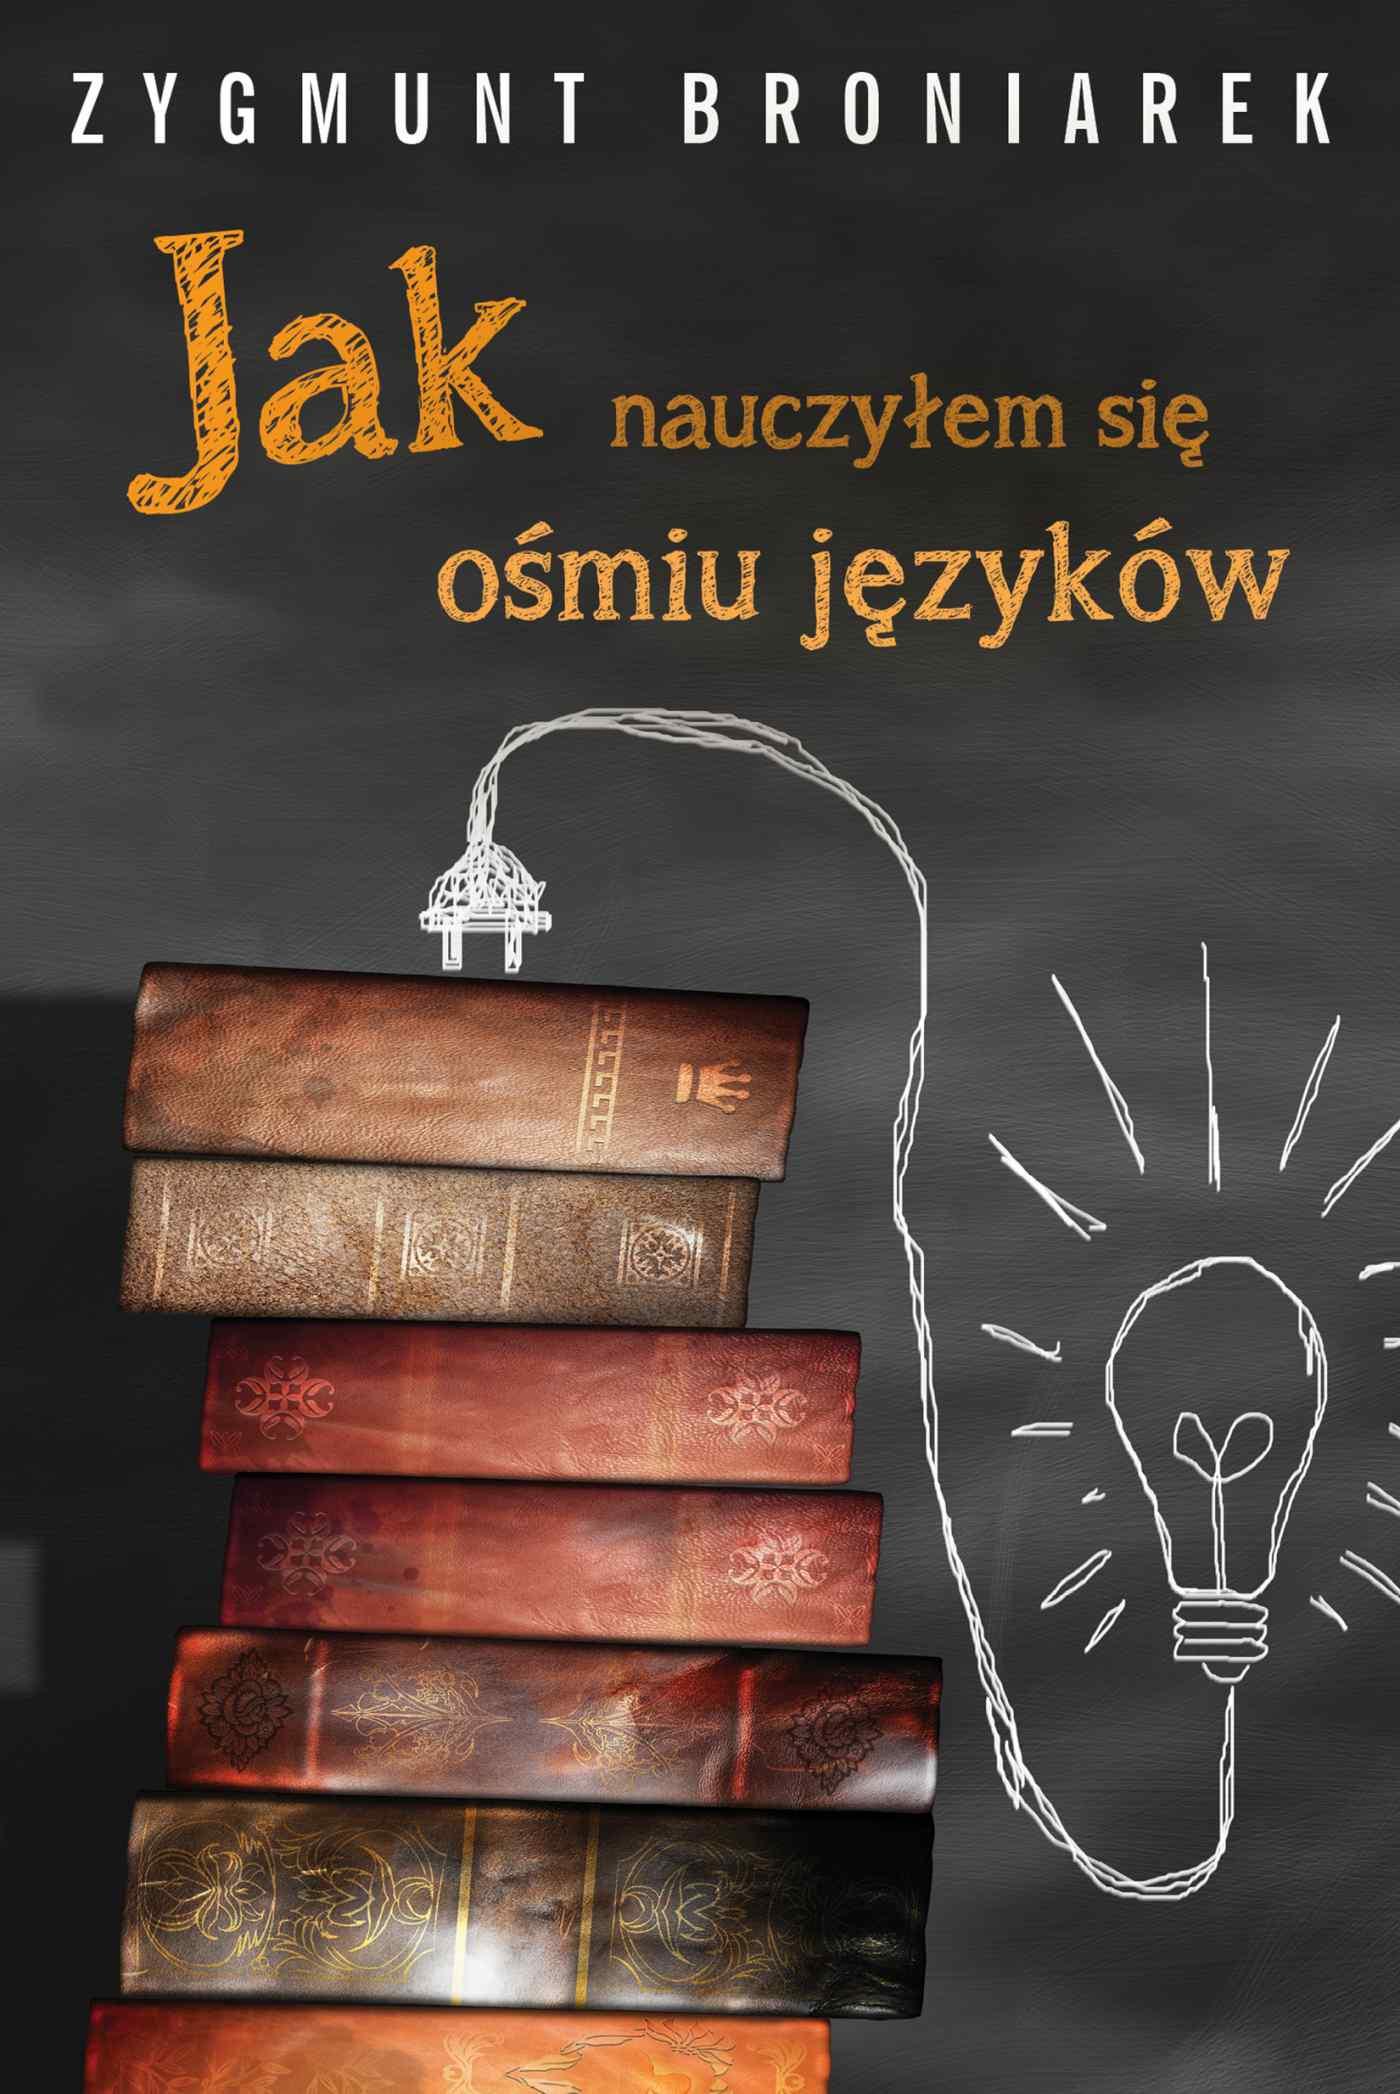 Jak nauczyłem się ośmiu języków obcych - Ebook (Książka PDF) do pobrania w formacie PDF